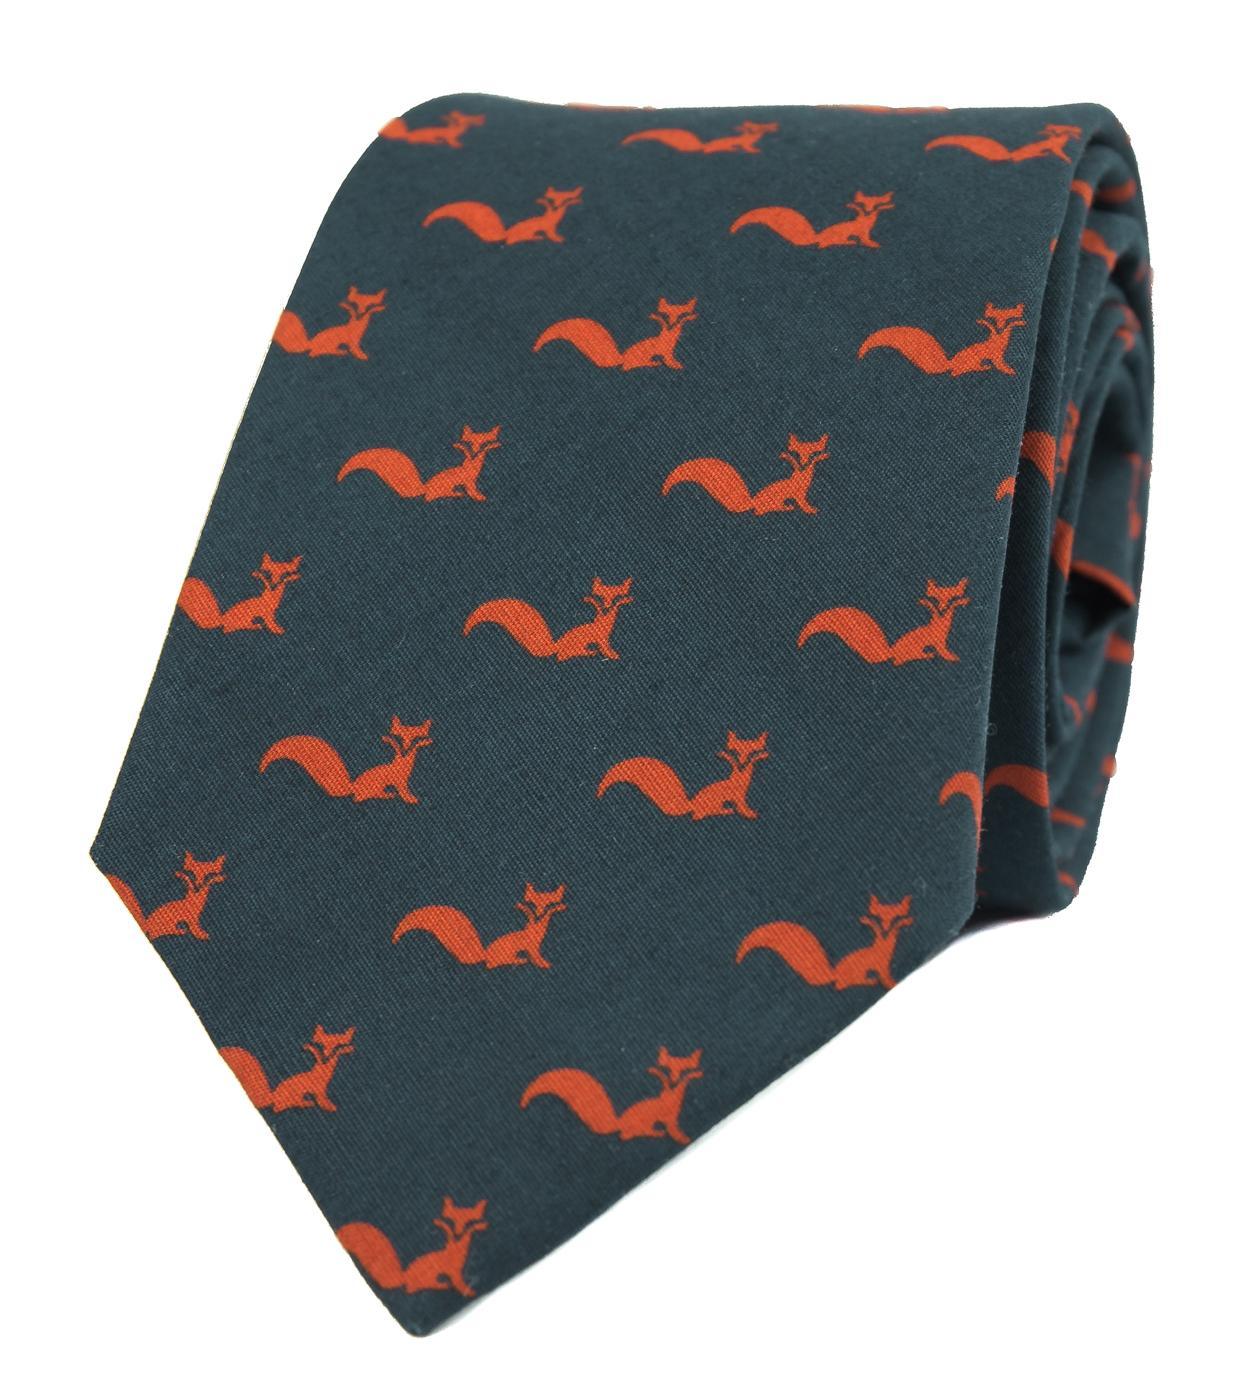 Kravata s liškami - Obrázek č. 1